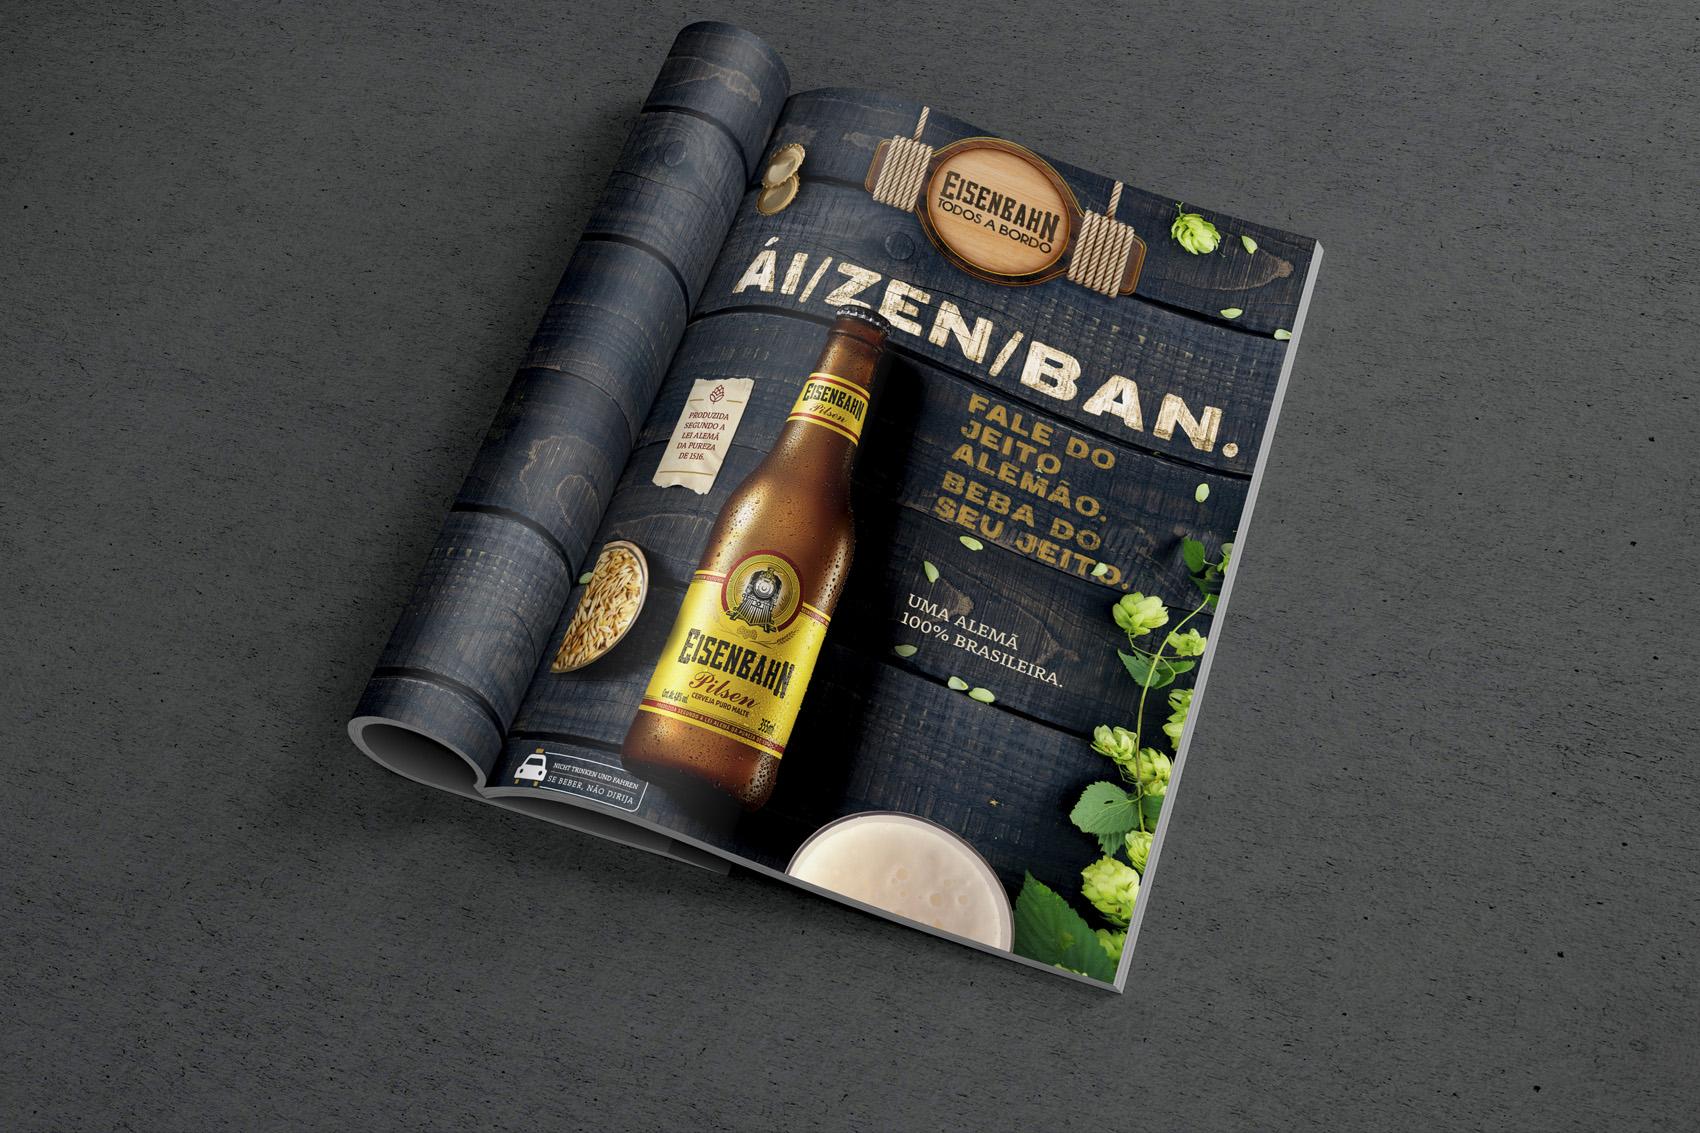 <span>Branding</span>ai/zen/ban